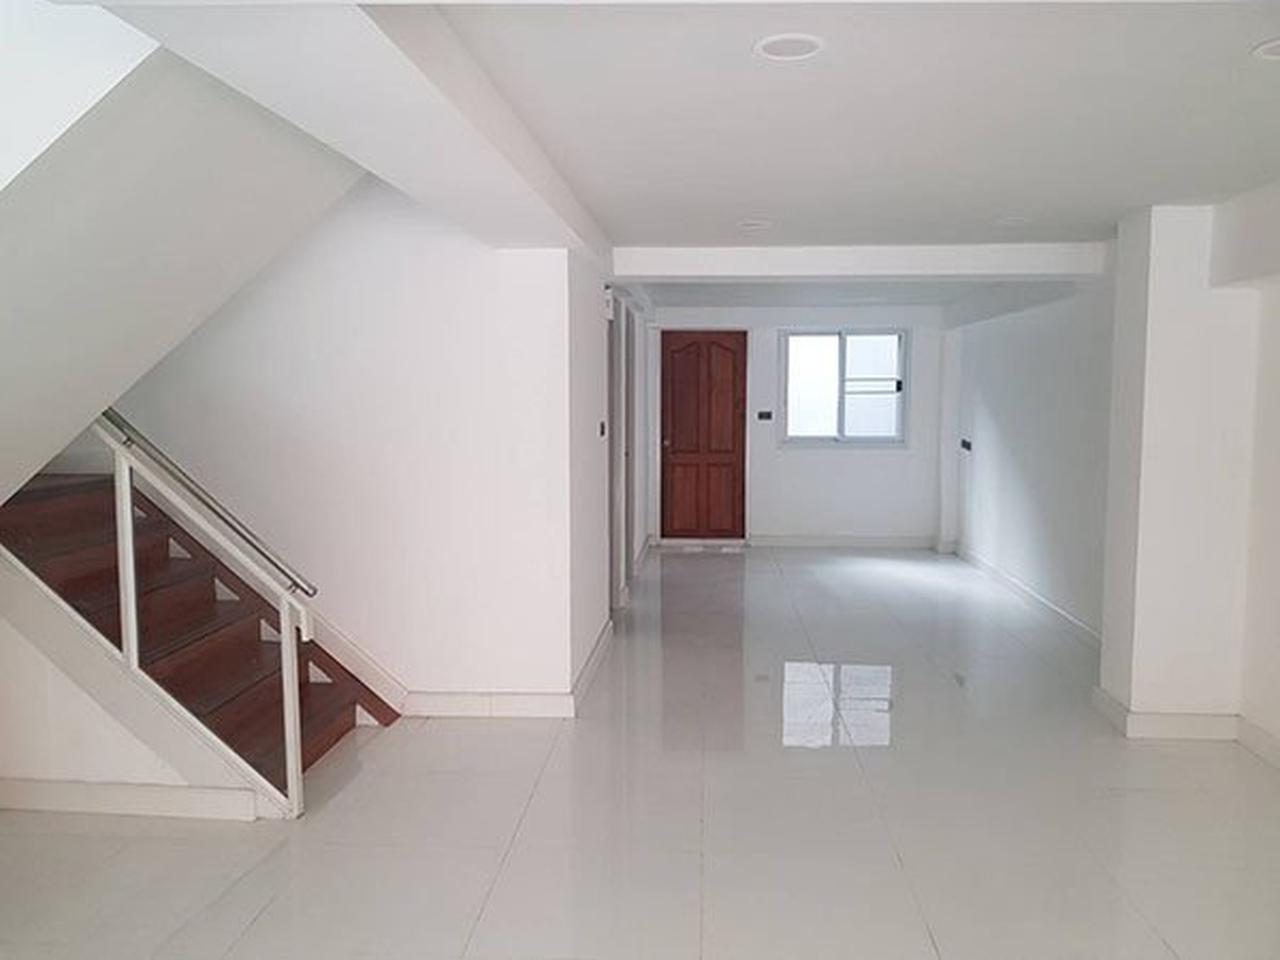 ขายด่วน ทาวน์โฮม ตกแต่งใหม่พร้อมลิฟท์ สุขุมวิท ใกล้ BTS ทองหล่อ For Sale Newly renovated Town home with Lift Sukhumvit รูปที่ 3